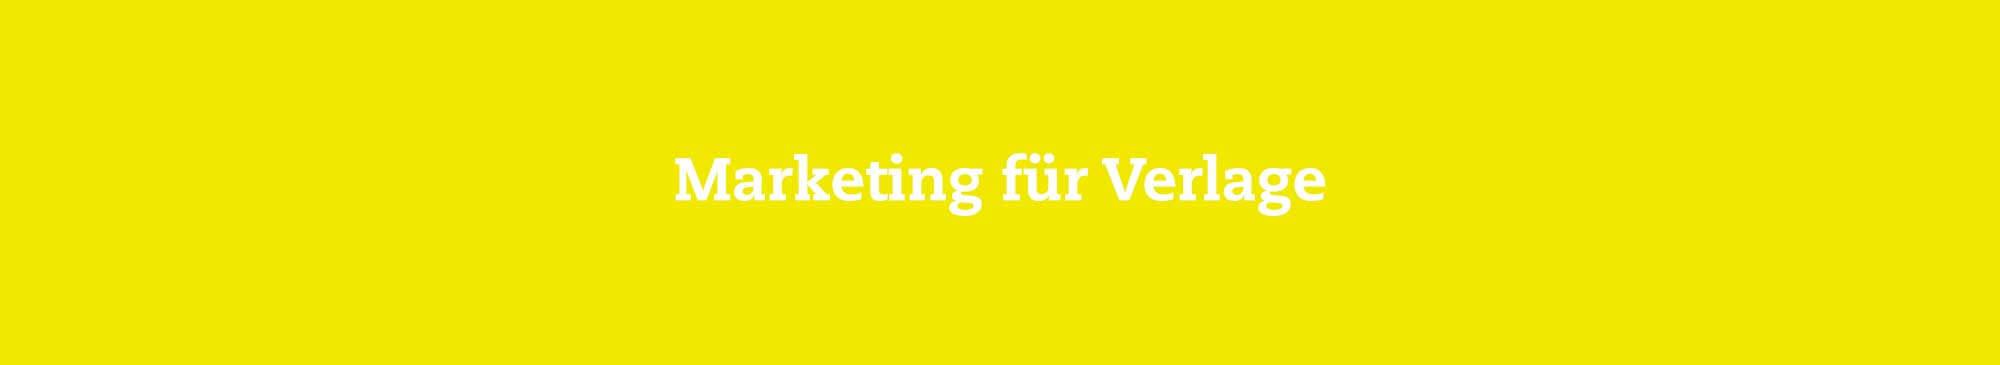 R&R/COM Marketing für Verlage